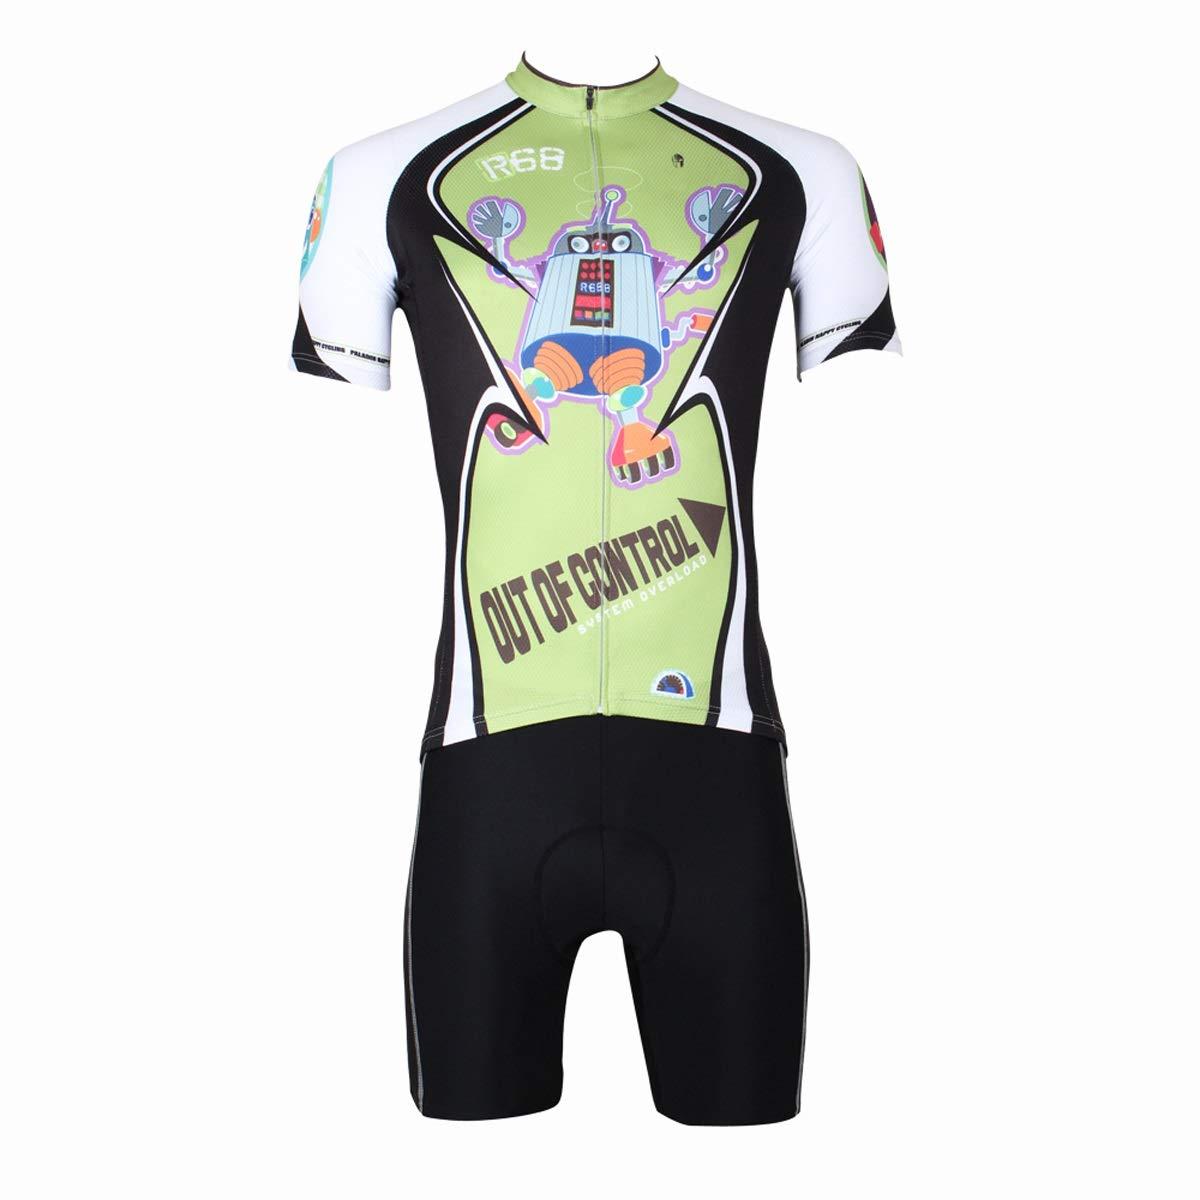 Fahrrad Reitanzug Sommer Gute Qualität Fahrrad Sport Essential Outdoor Bekleidung Bike Jersey Fahrradtrikot LPLHJD